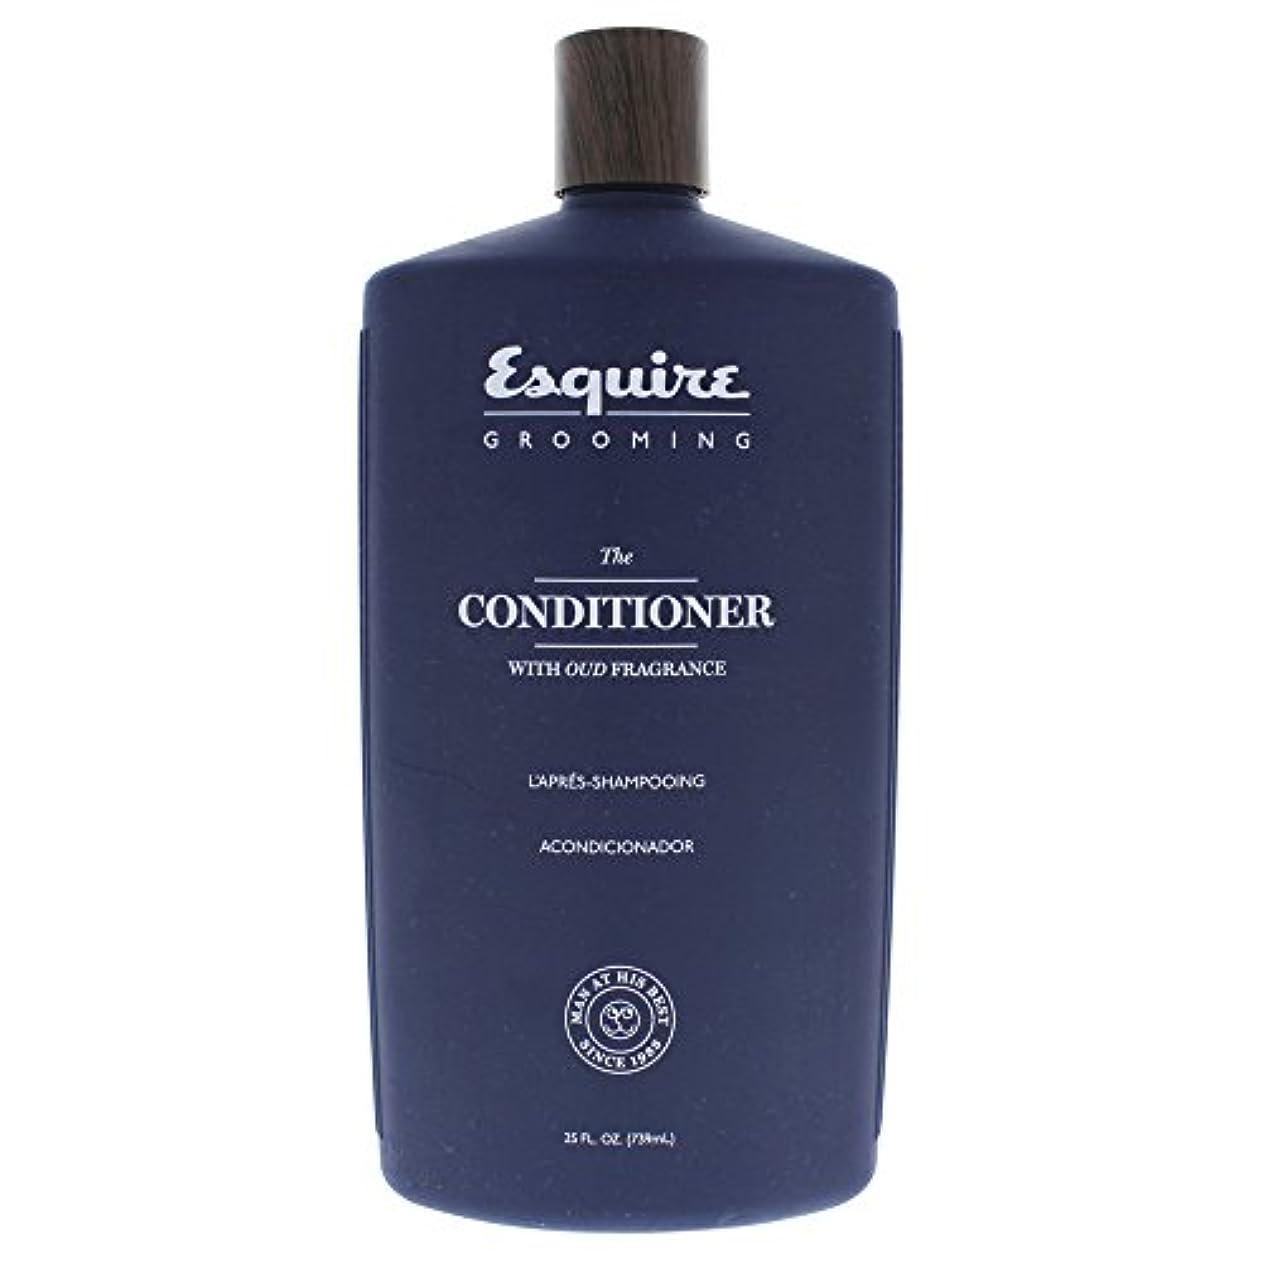 レース予知生きているCHI Esquire Grooming The Conditioner 739ml/25oz並行輸入品